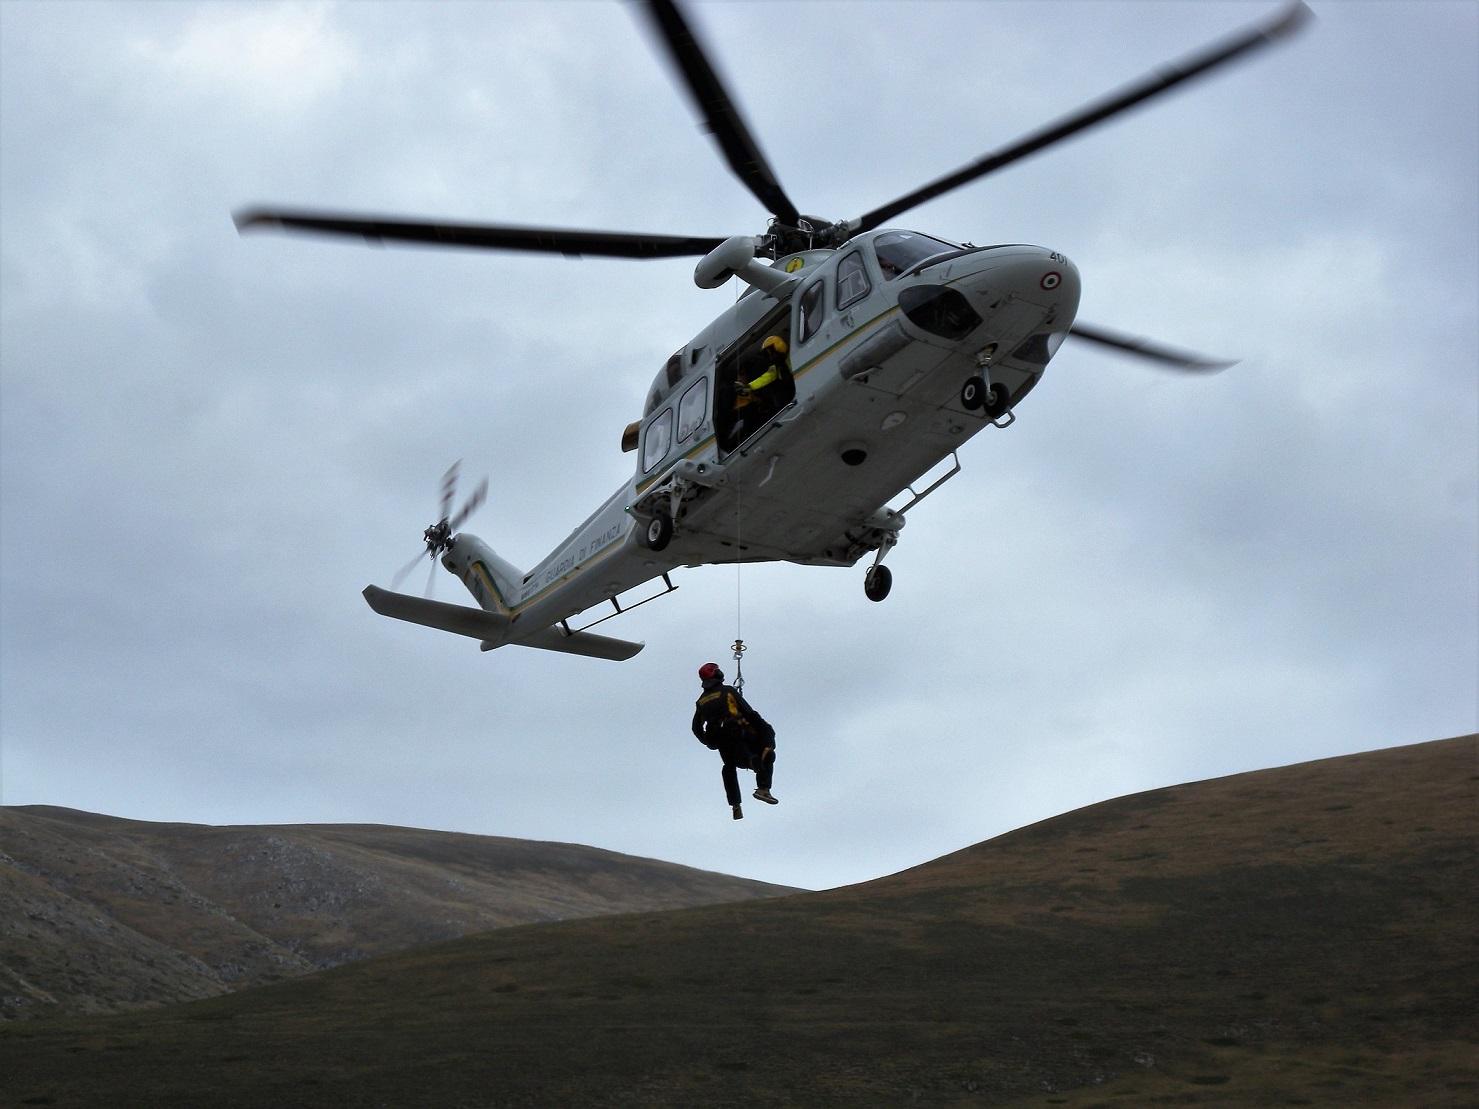 Elicottero Gdf : New ray ny elicottero agusta aw guardia di finanza